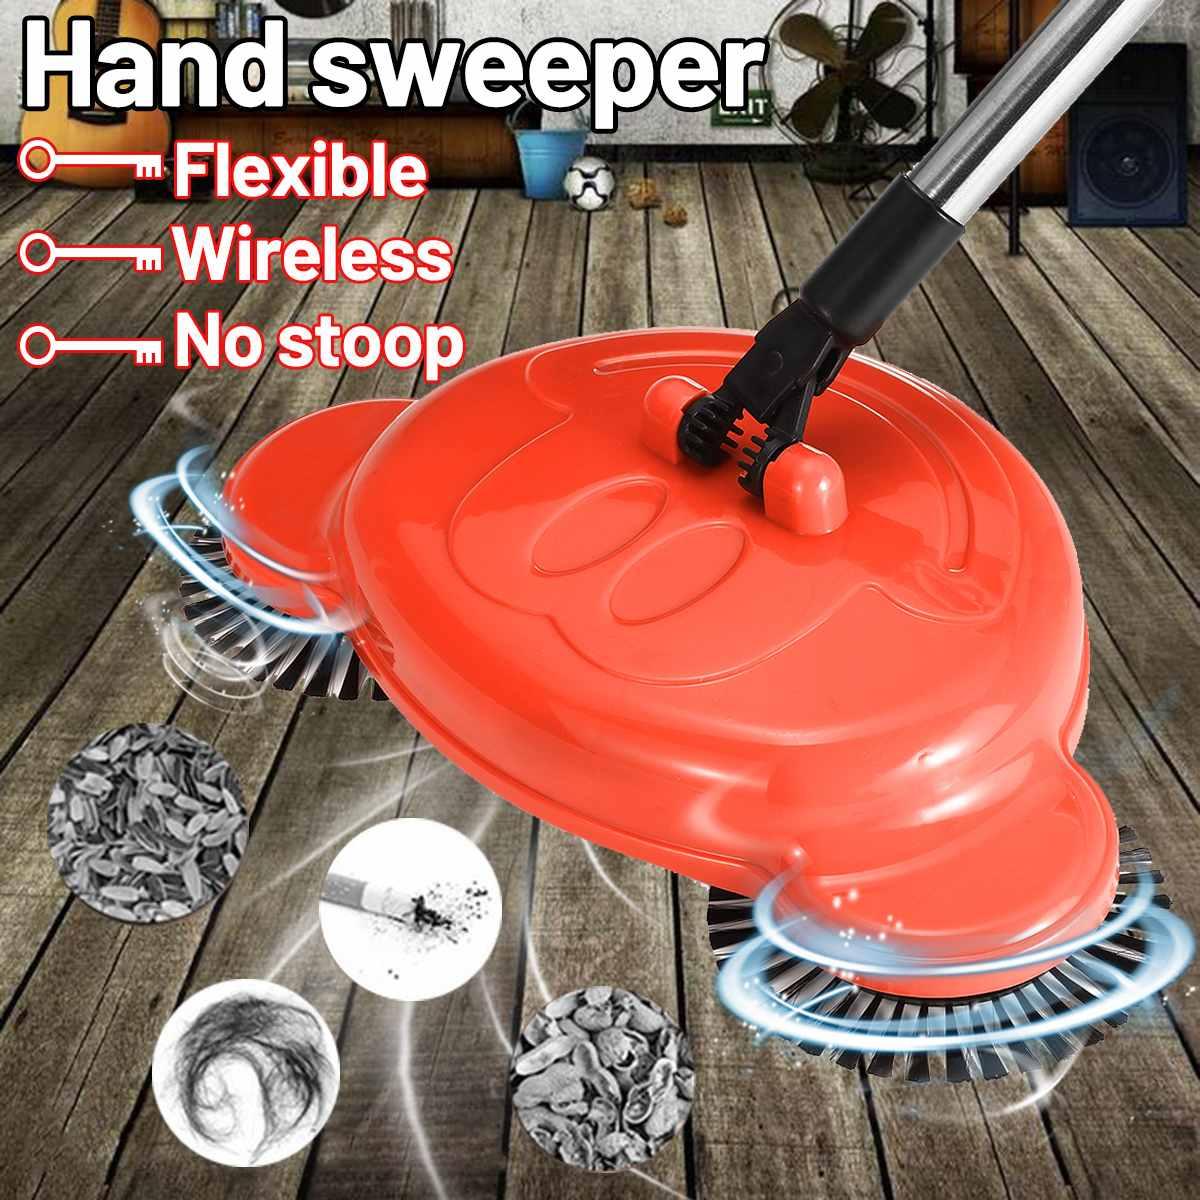 Ручная уборочная машина из нержавеющей стали, подметающая машина с нажимом, без электричества, для сухой и влажной уборки, для ленивых